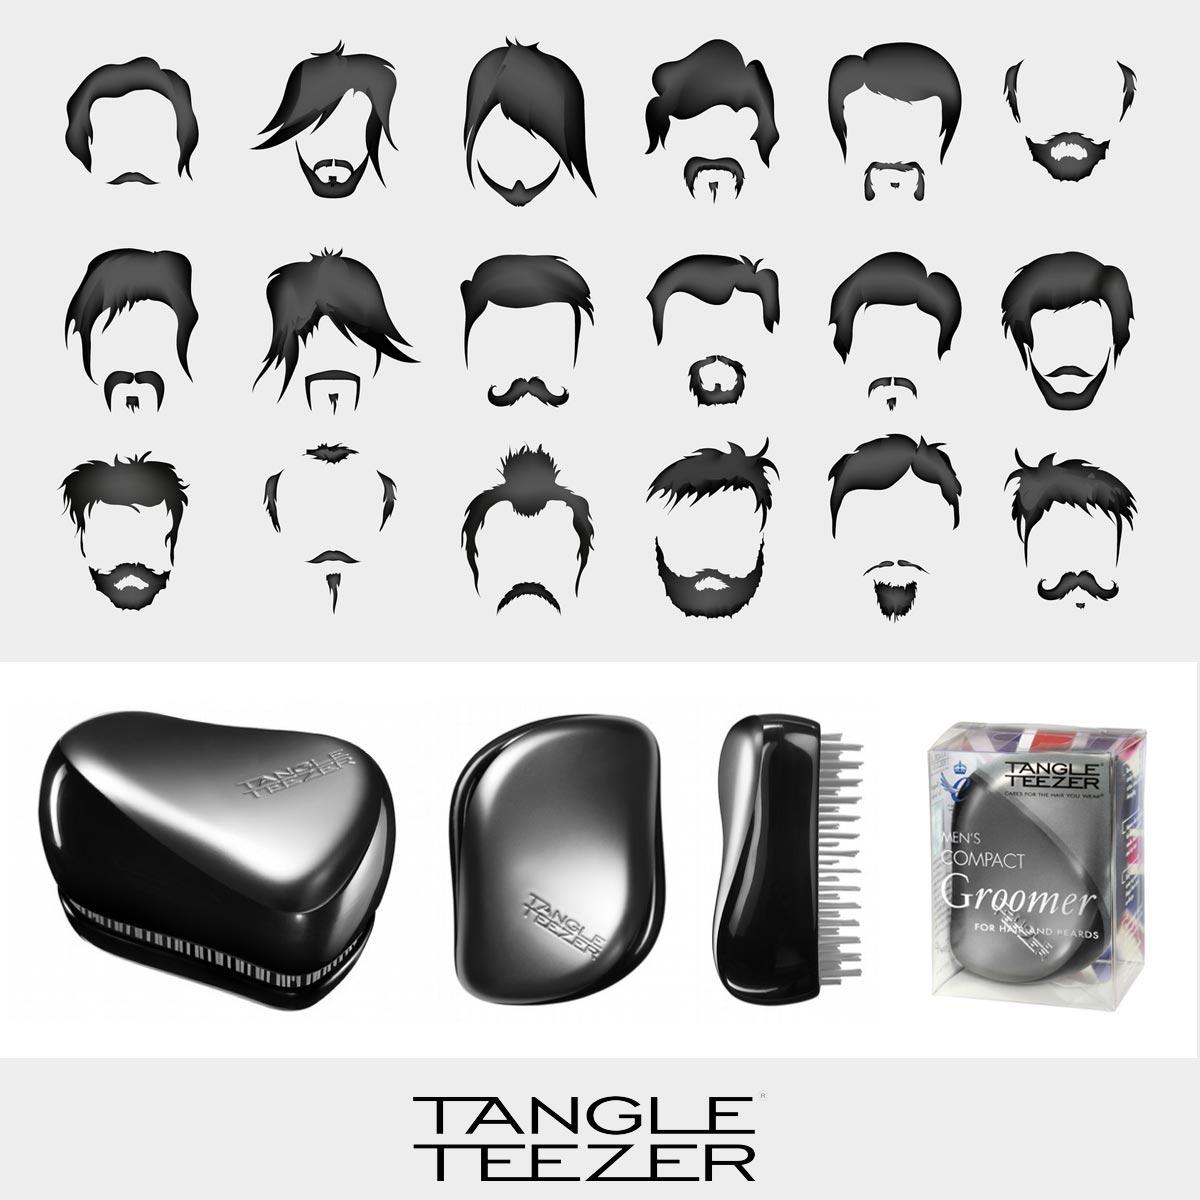 Pánský Tangle Teezer Compact Groomer hravě učeše nejen vlasy, ale také vousy.